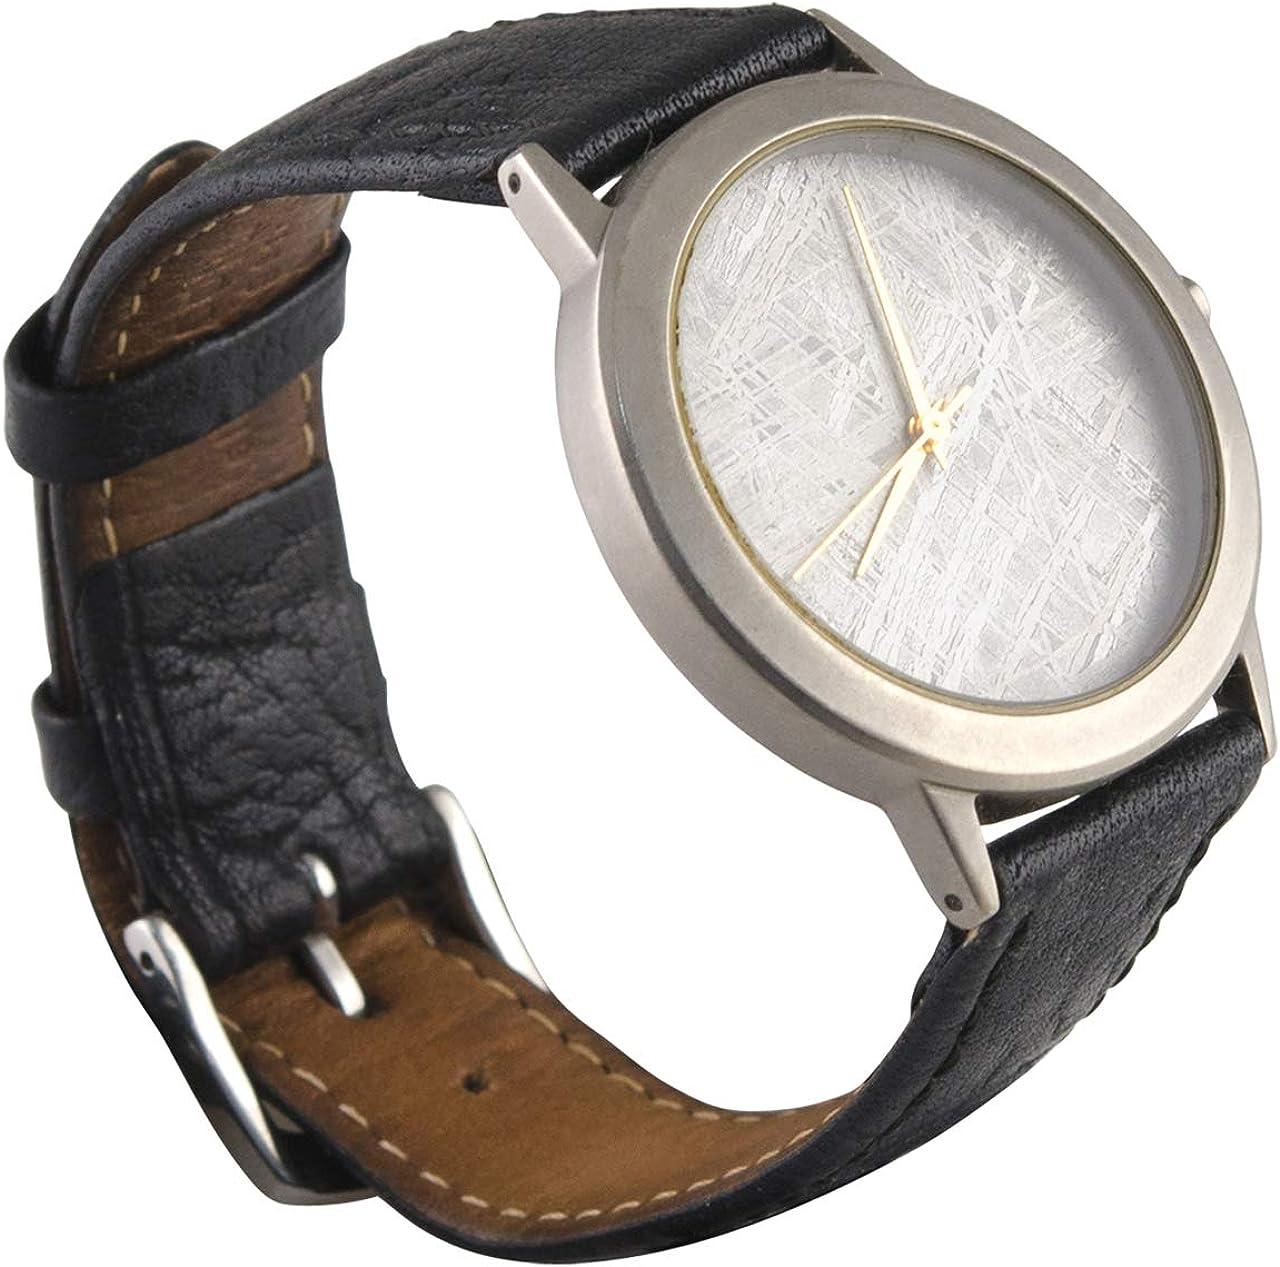 starborn Creations Gran Cara auténtica meteorito Gibeon Reloj con Banda de Cuero Negro